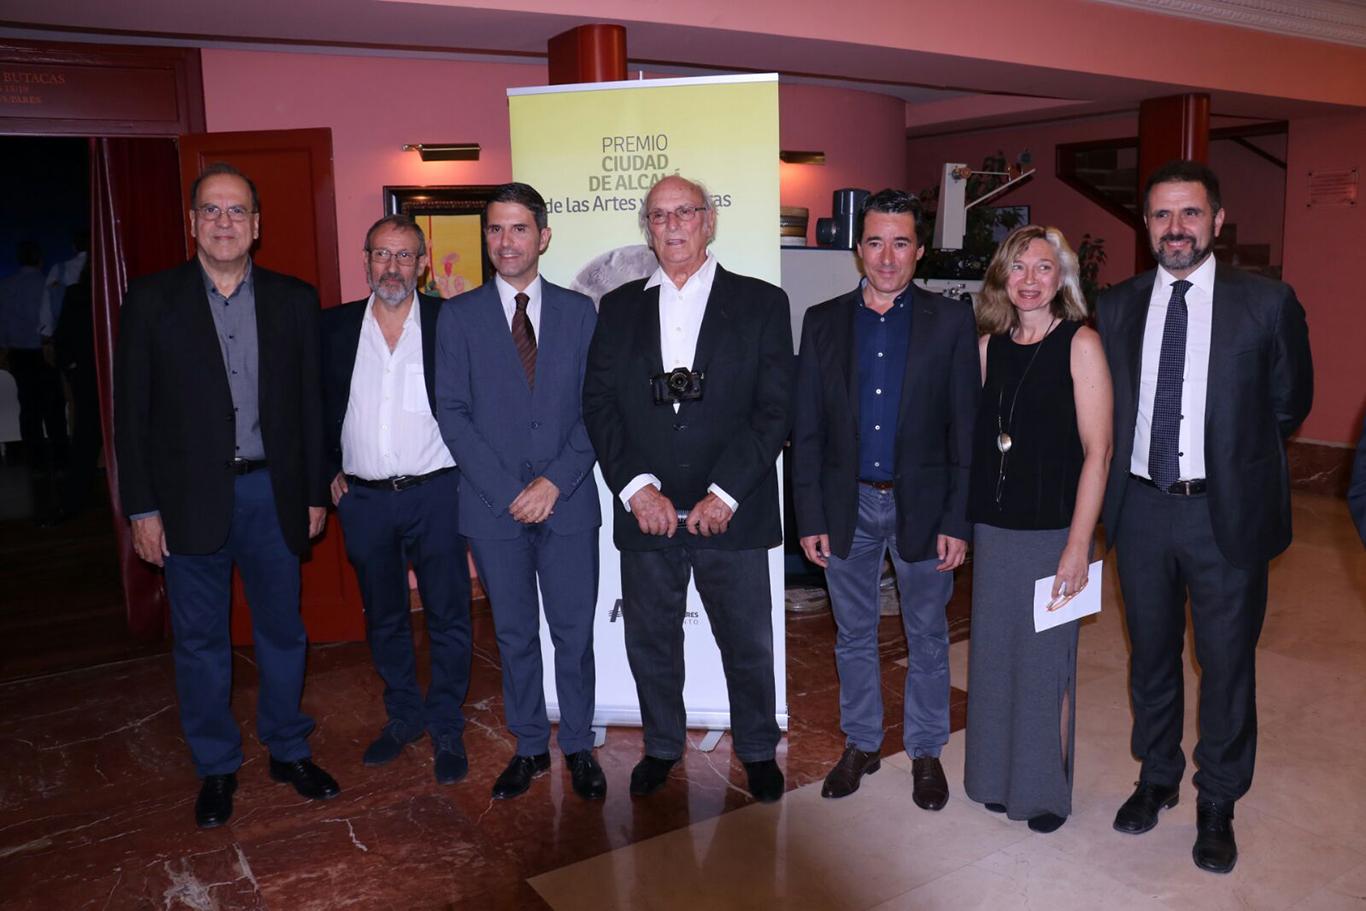 premios_ciudad_alcala